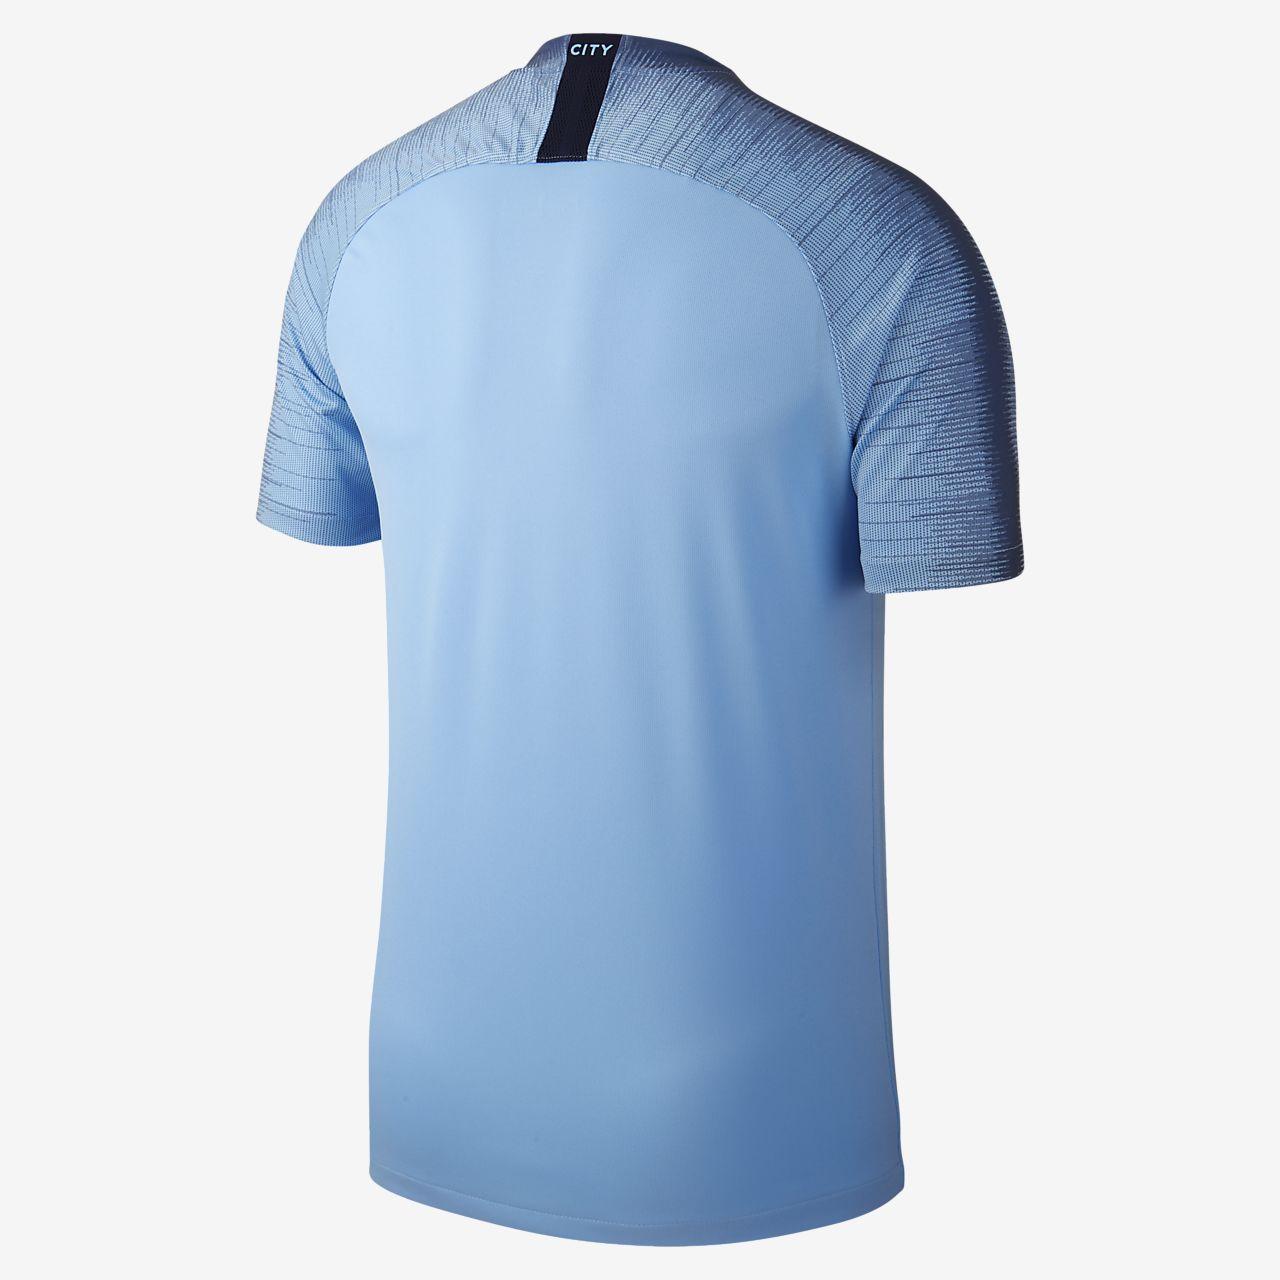 2018 19 Manchester City FC Stadium Home Men s Football Shirt. Nike ... 3a9d2df761f